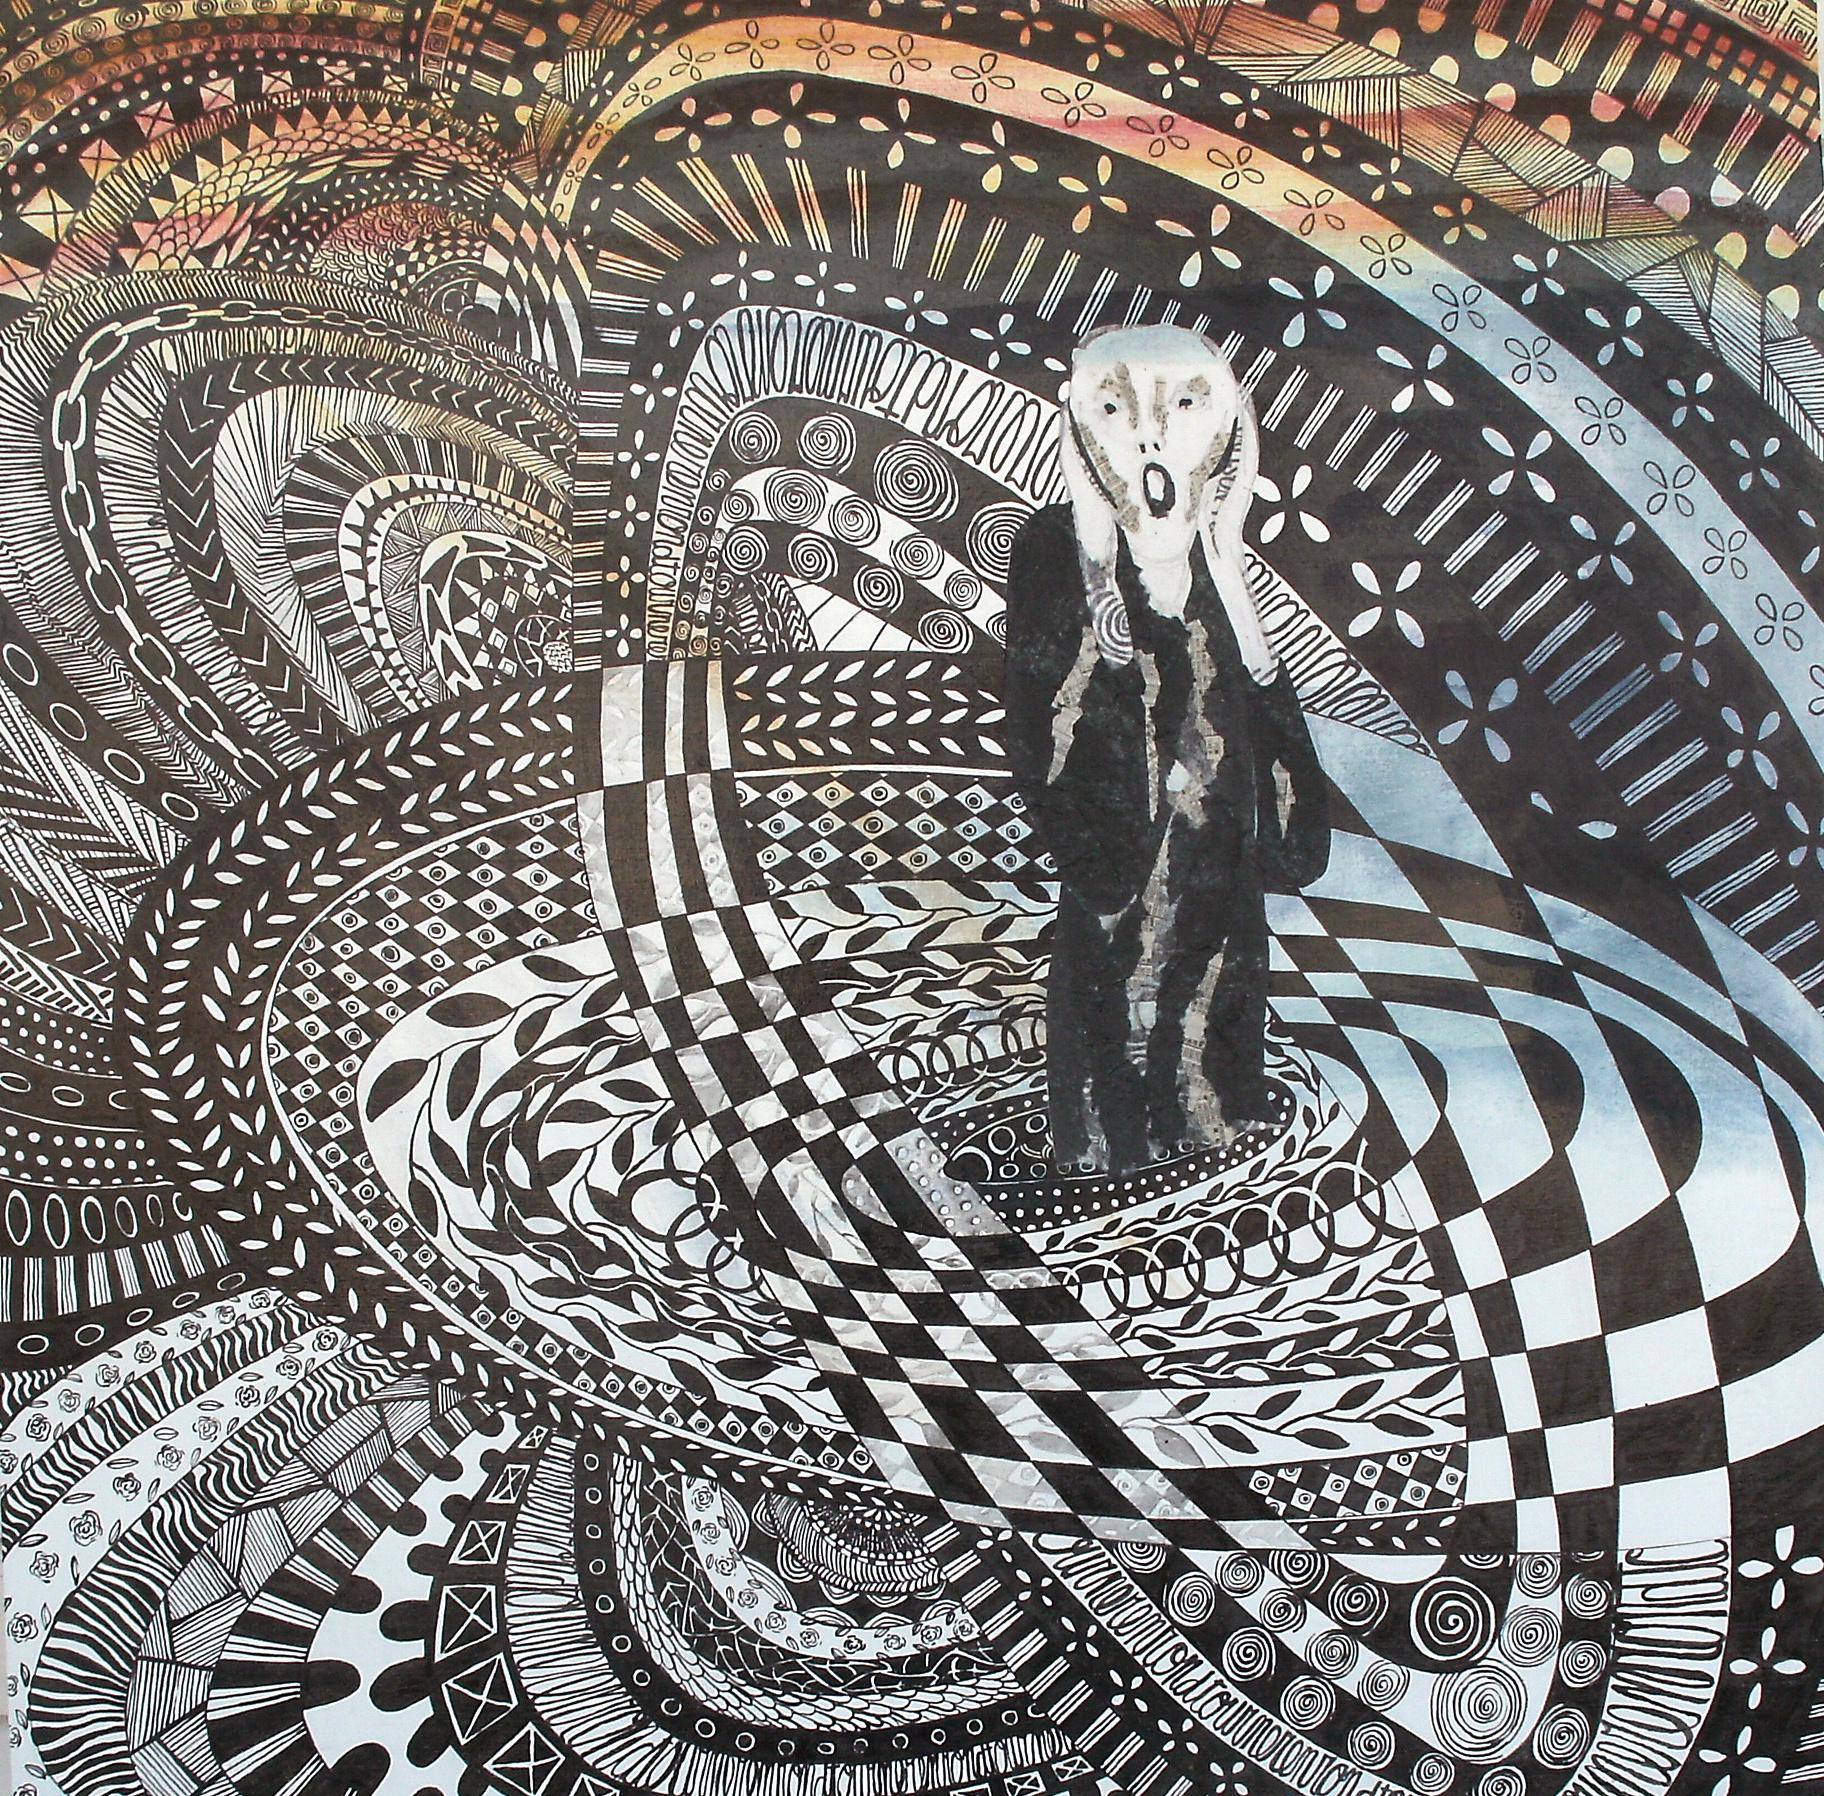 VALSE AUX MILLE TEMPS DE LA PEUR, (interprétation de l'oeuvre LE CRI d'Edvard Munch, encre de chine, aquarelle, 24'' X 24'  ', 720,00$